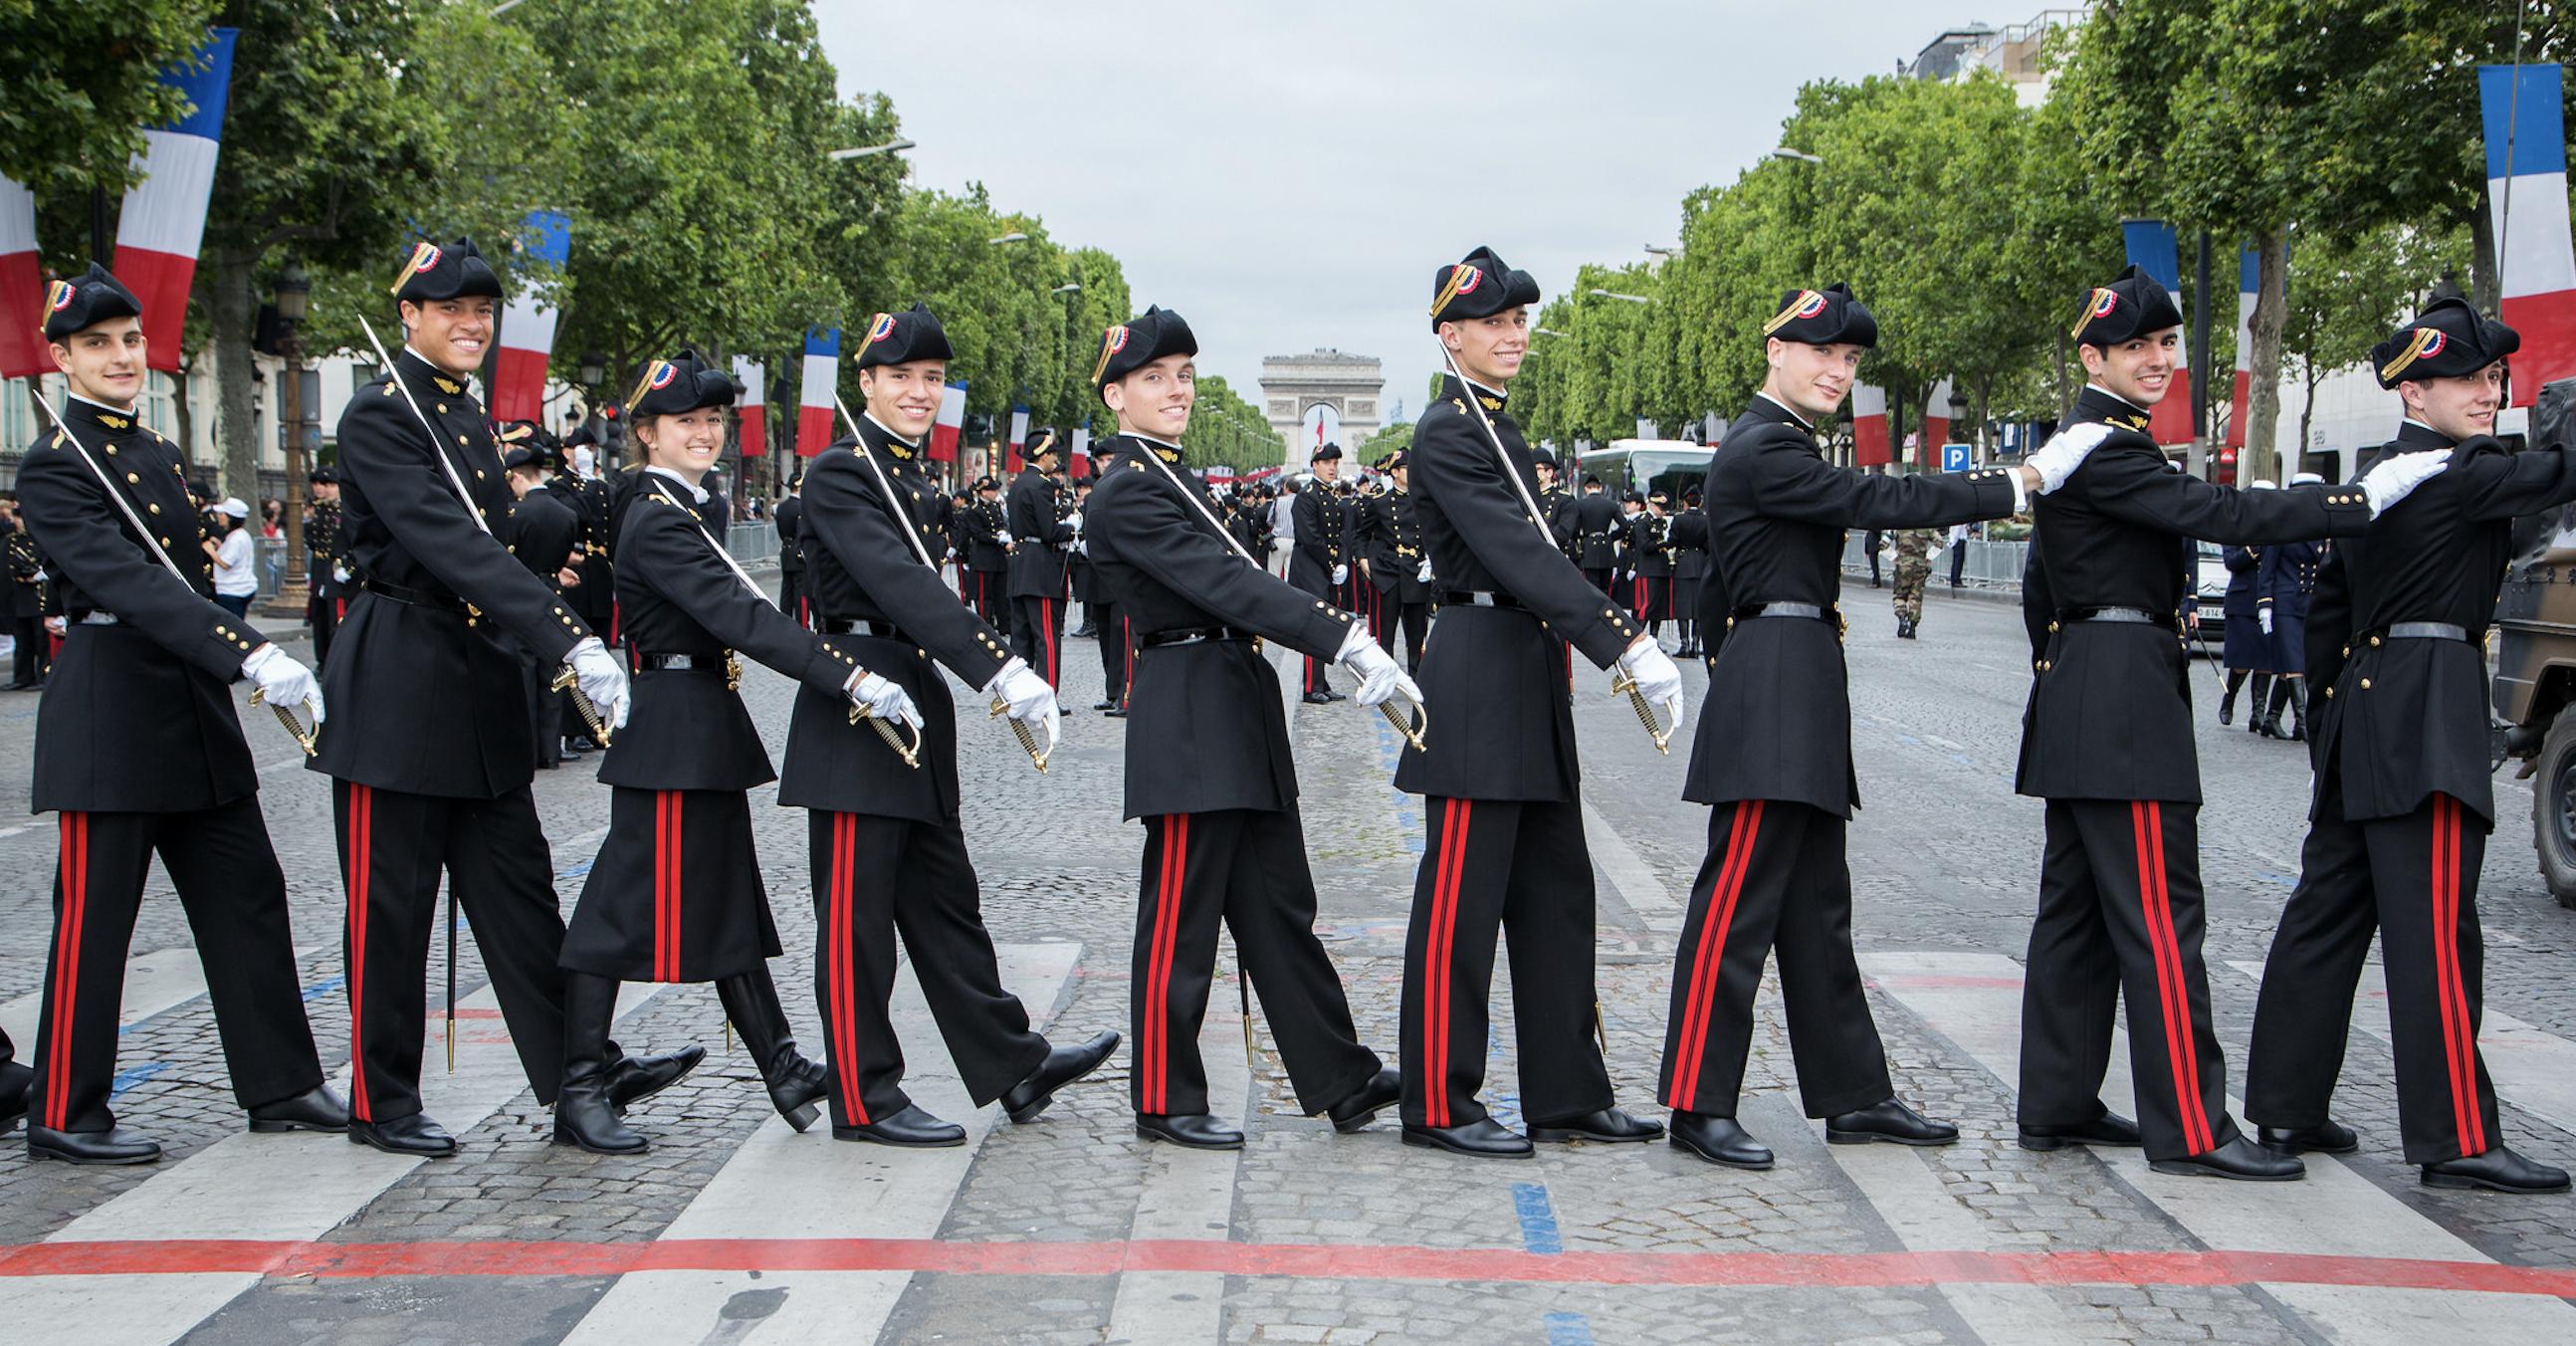 Service militaire : une armée pour le peuple ?